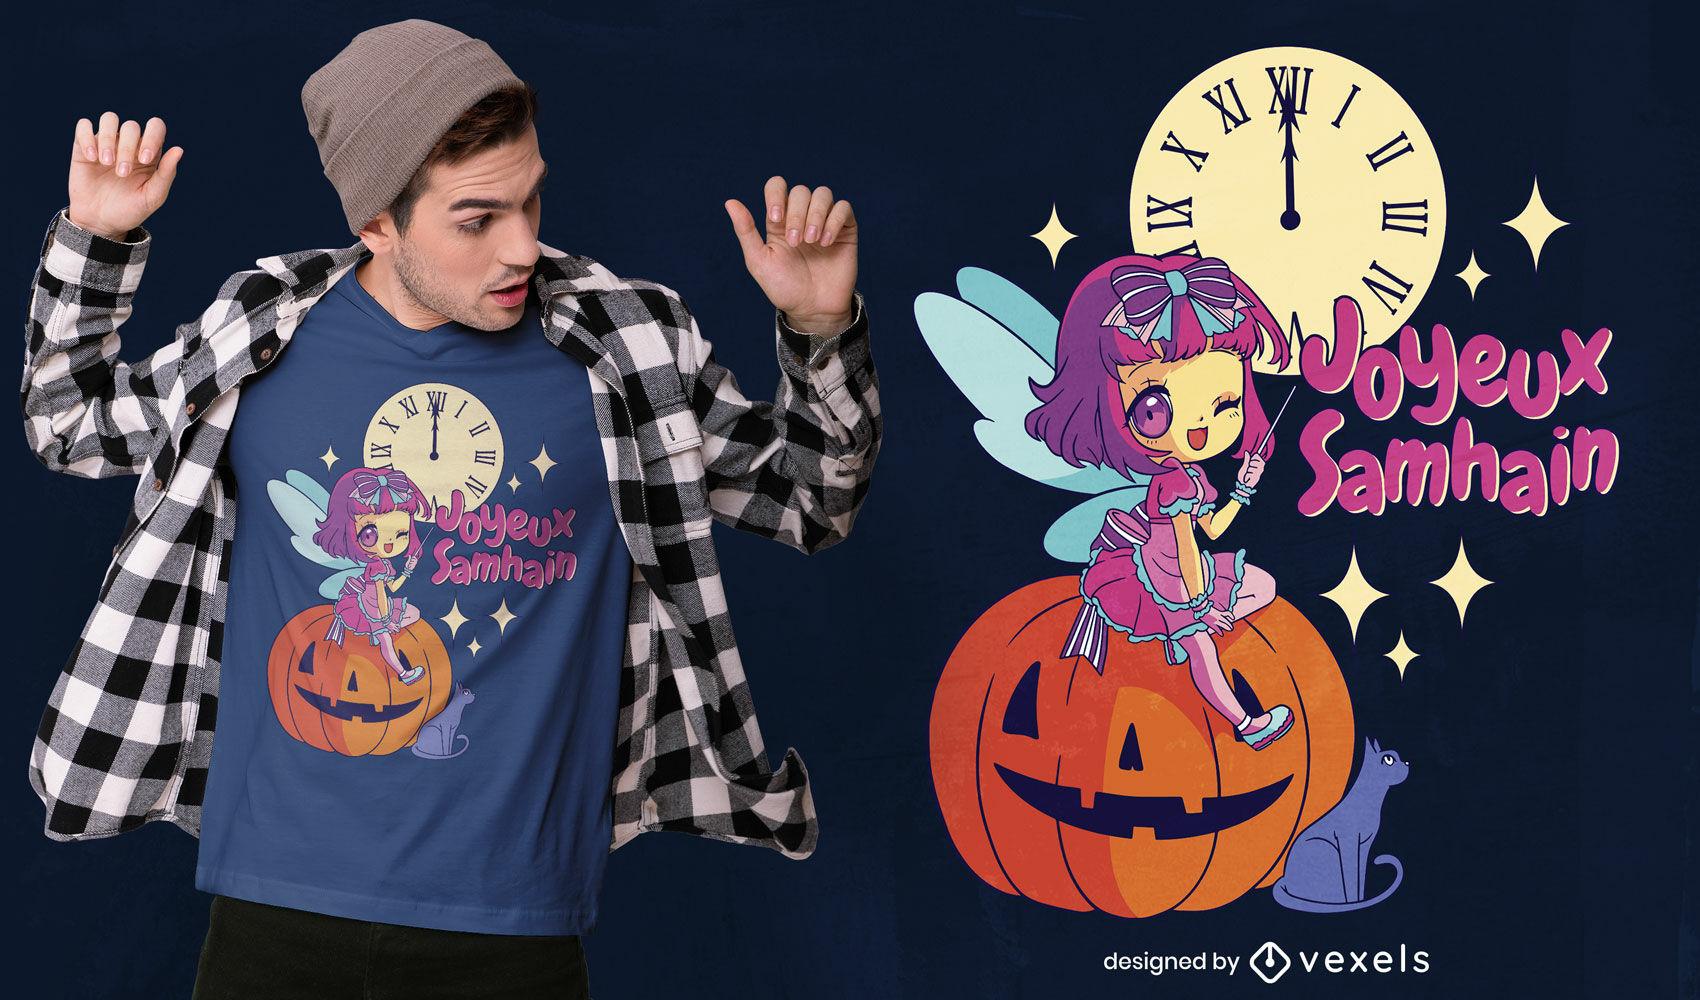 Chibi fairy godmother t-shirt design